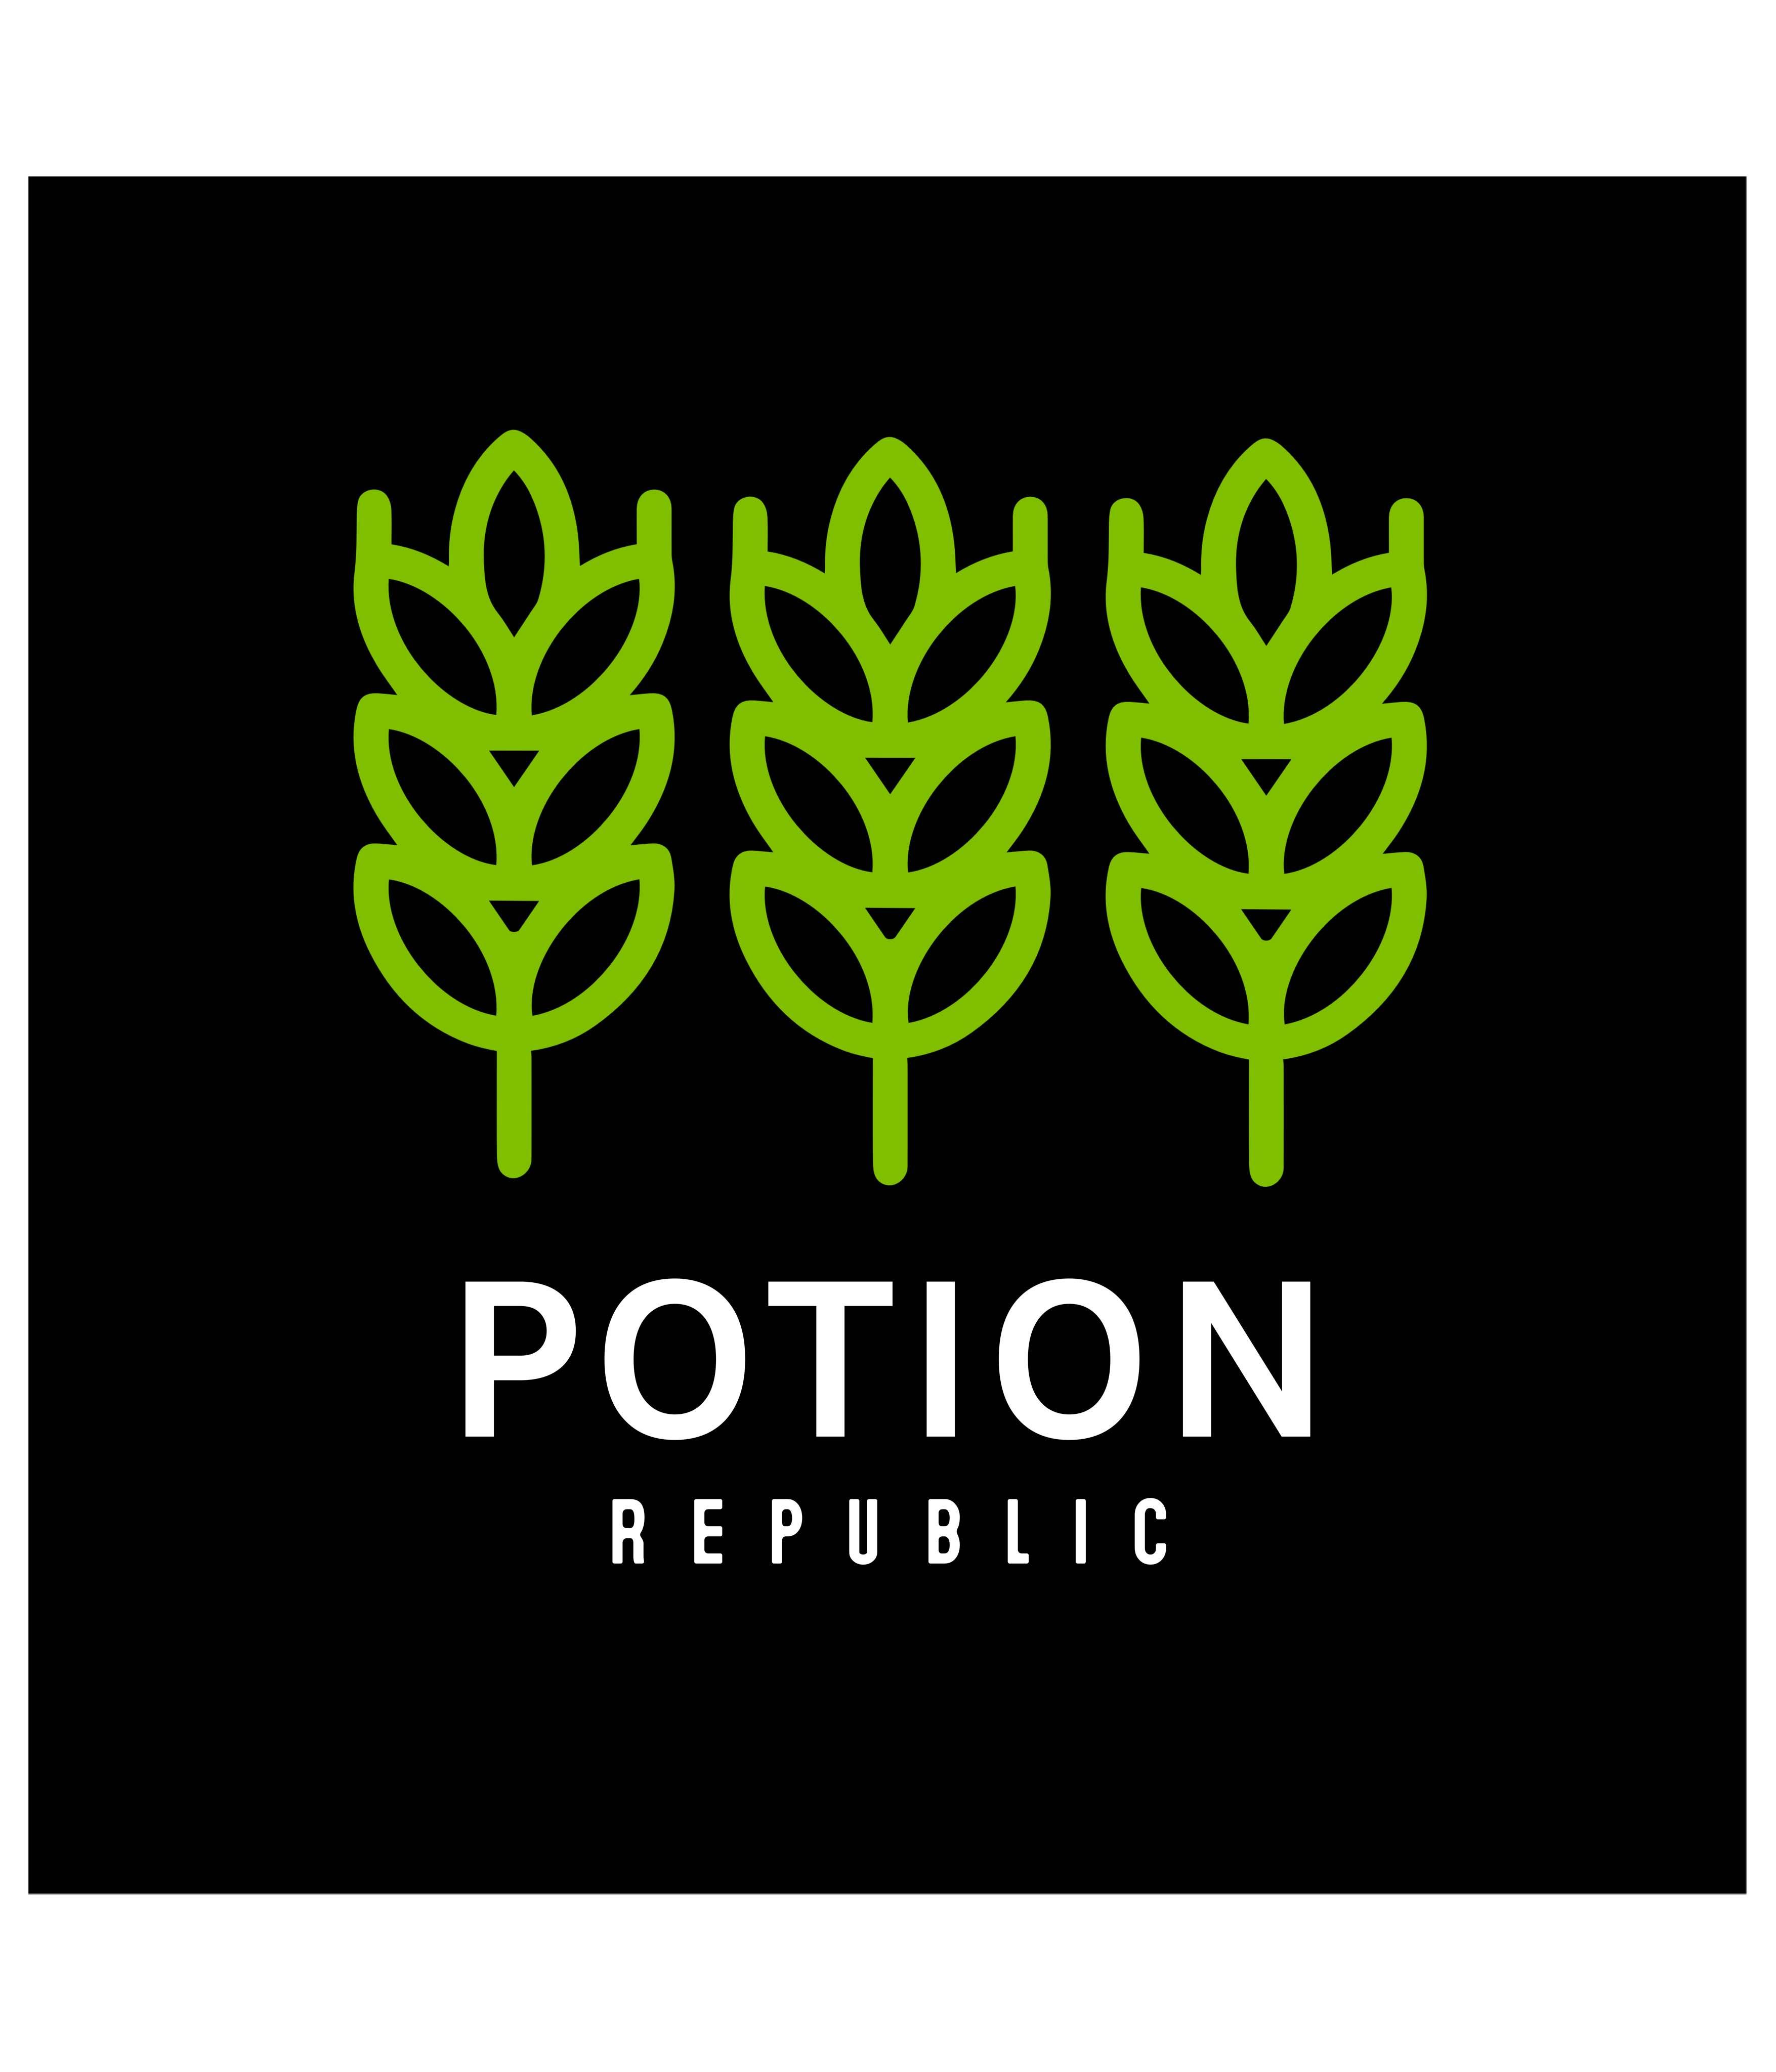 Potion Republic